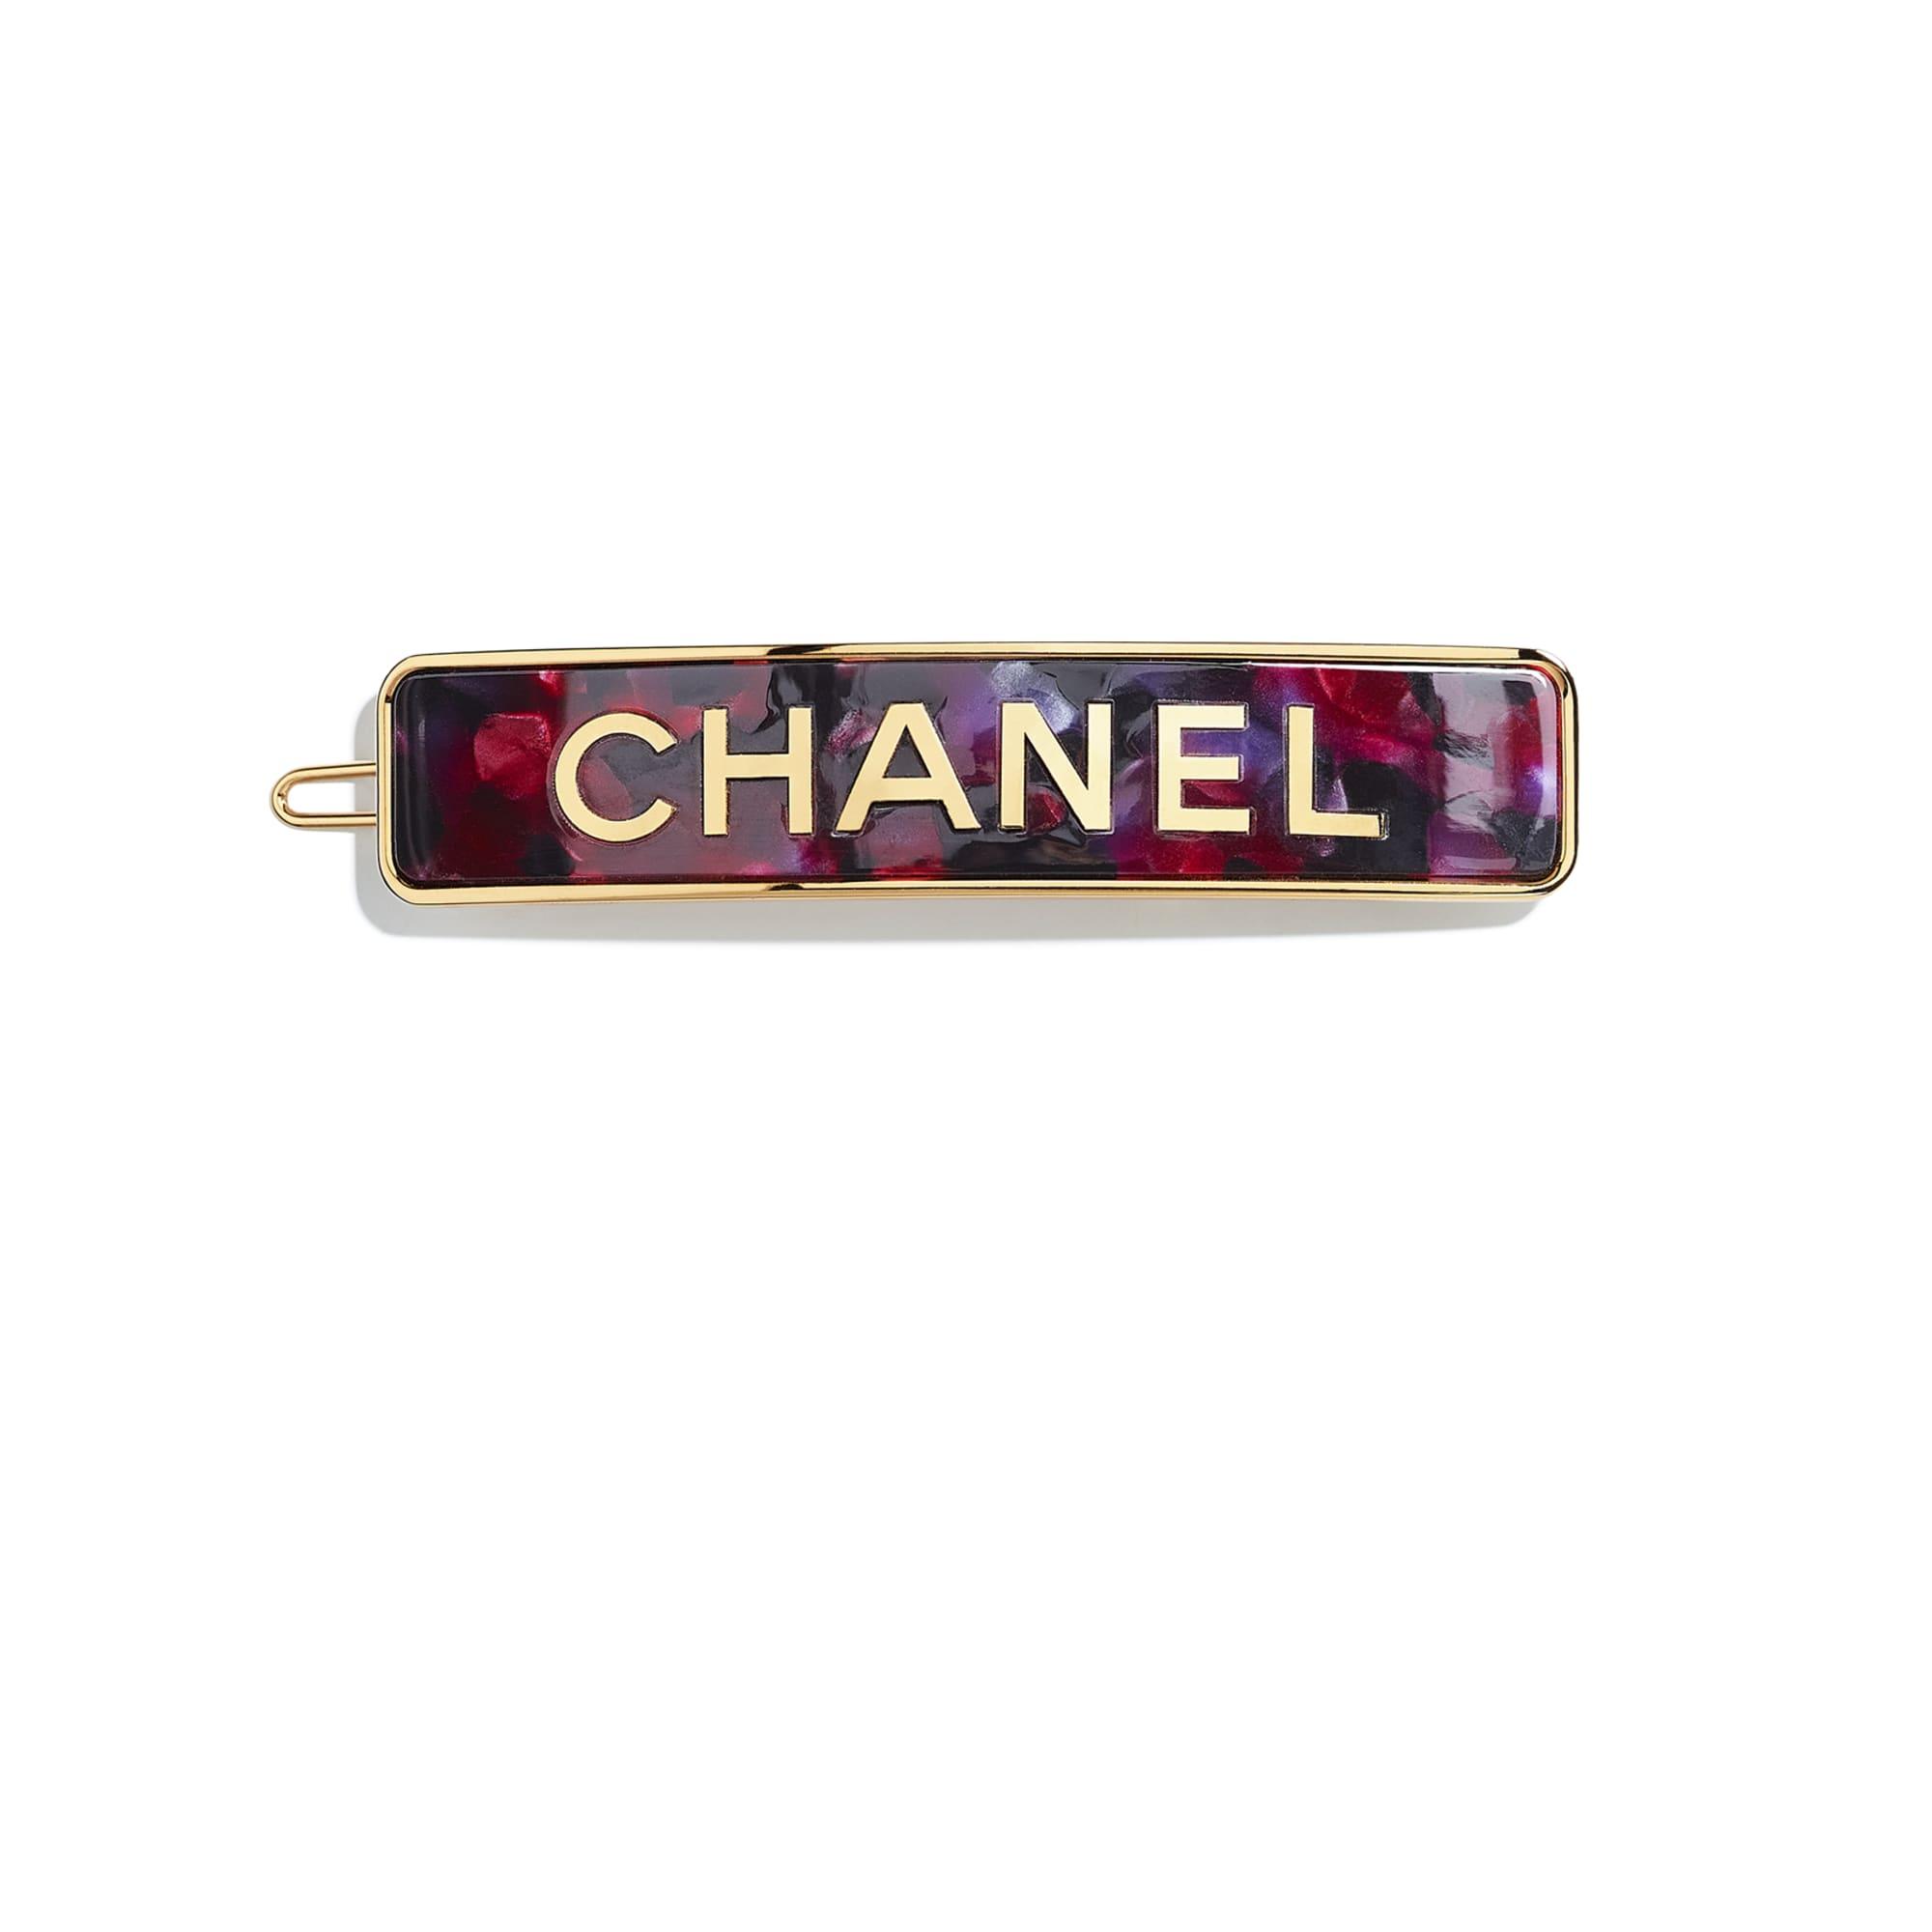 Заколка для волос - Золотистый и розовый - Металл и смола - CHANEL - Вид по умолчанию - посмотреть изображение стандартного размера